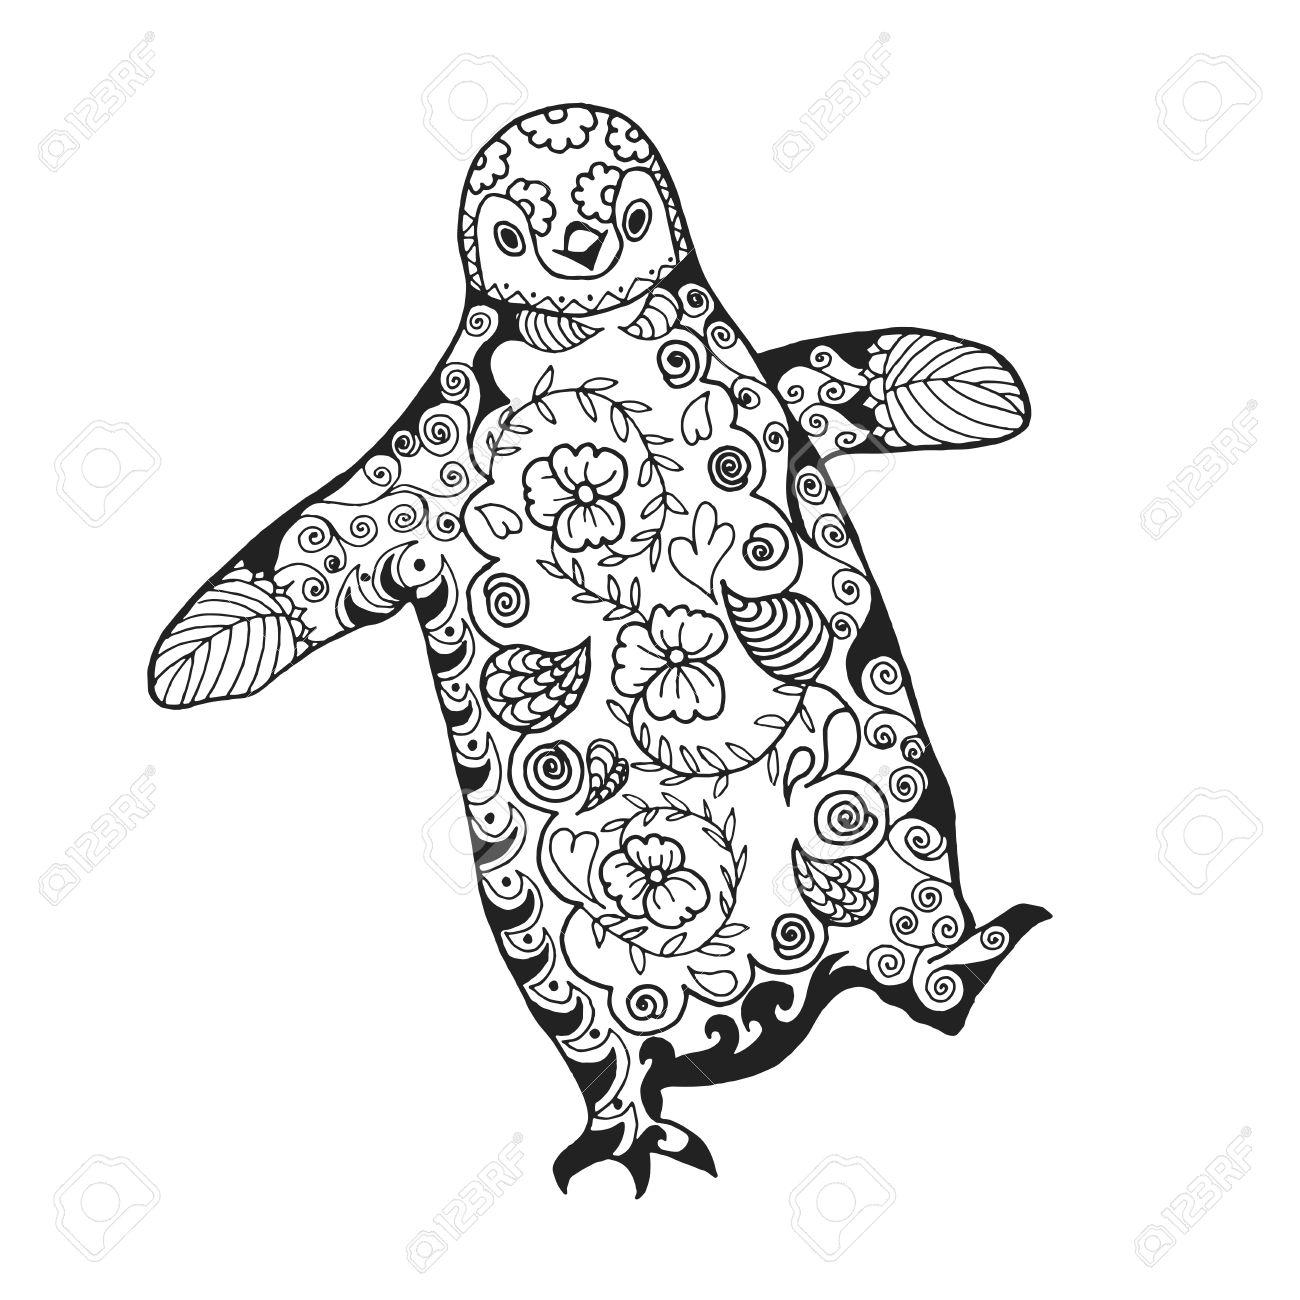 Kleurplaten Dieren Pinguin.Leuke Pinguin Volwassen Antistress Kleurplaat Zwart Wit Hand